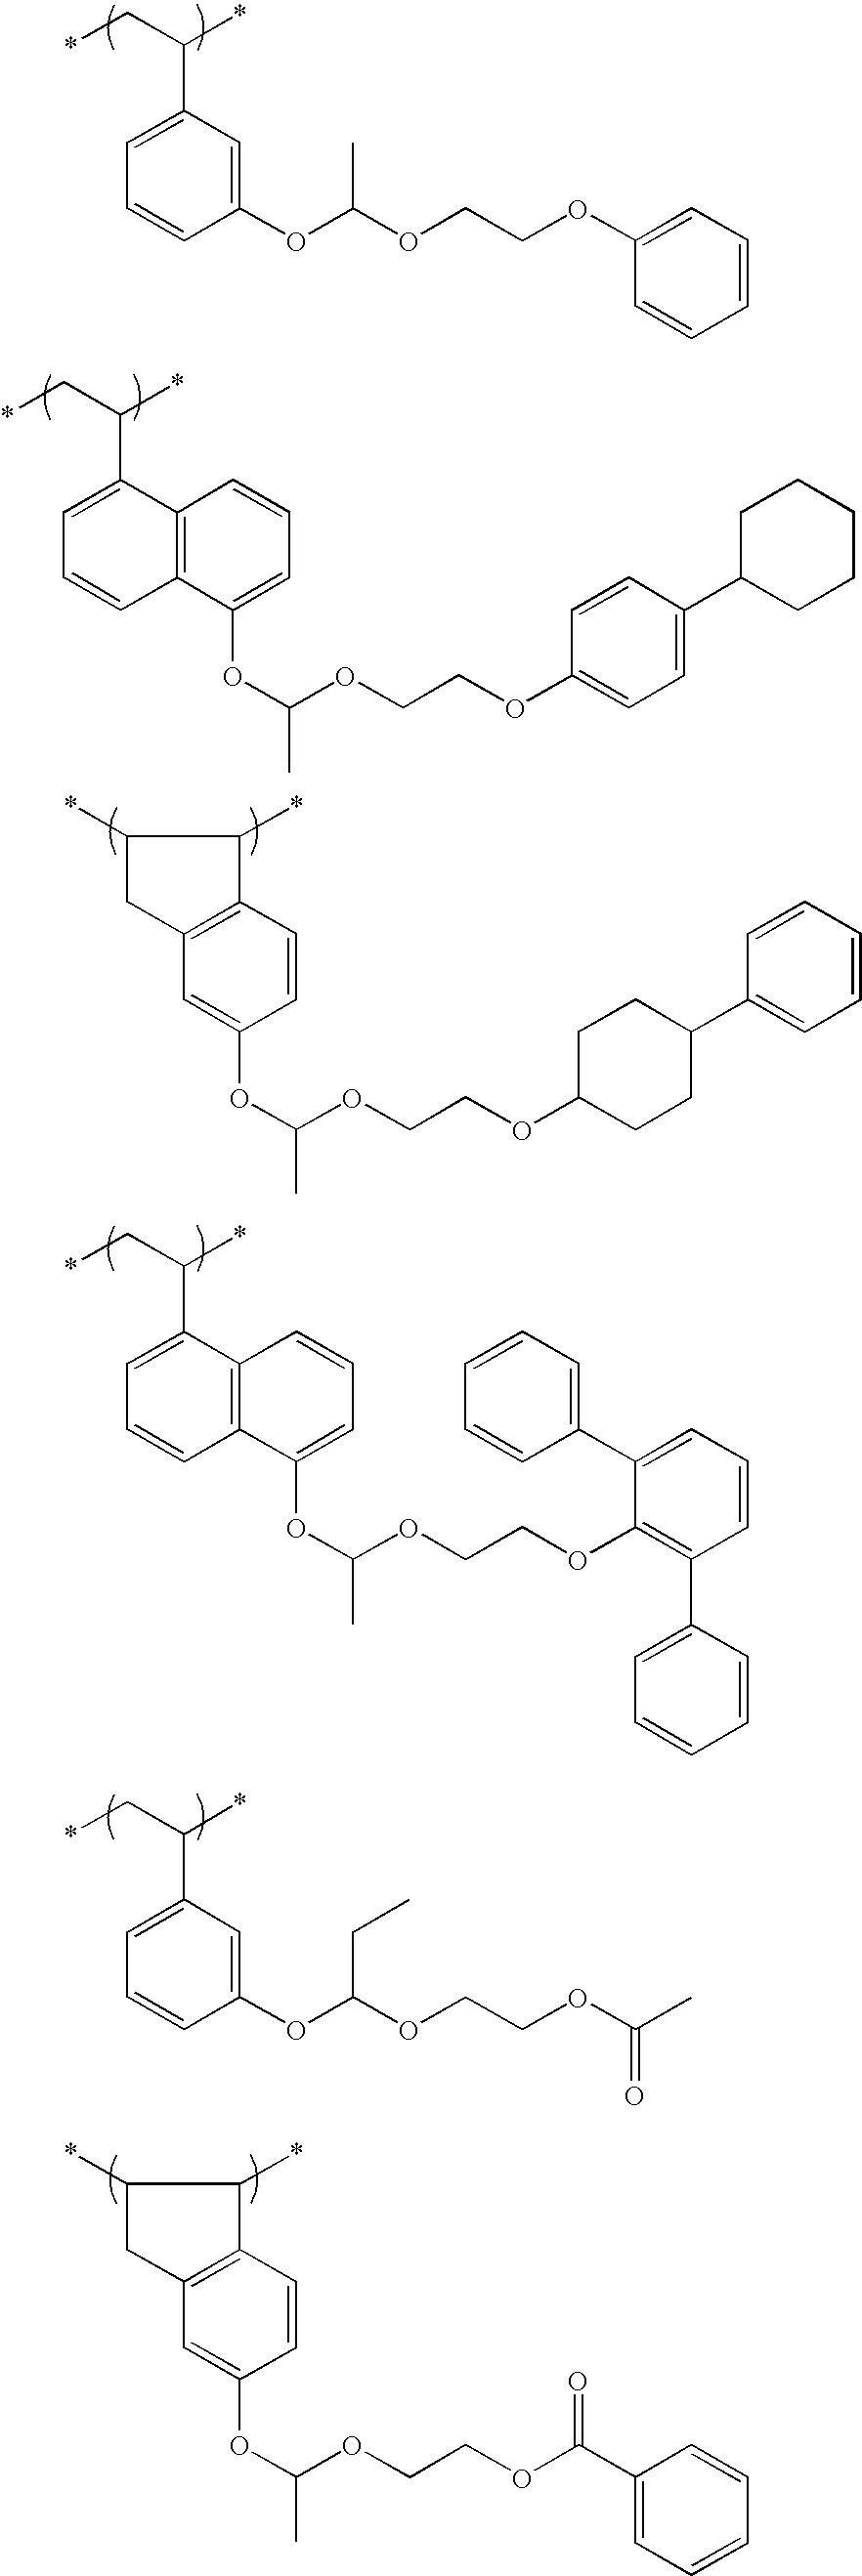 Figure US08852845-20141007-C00100